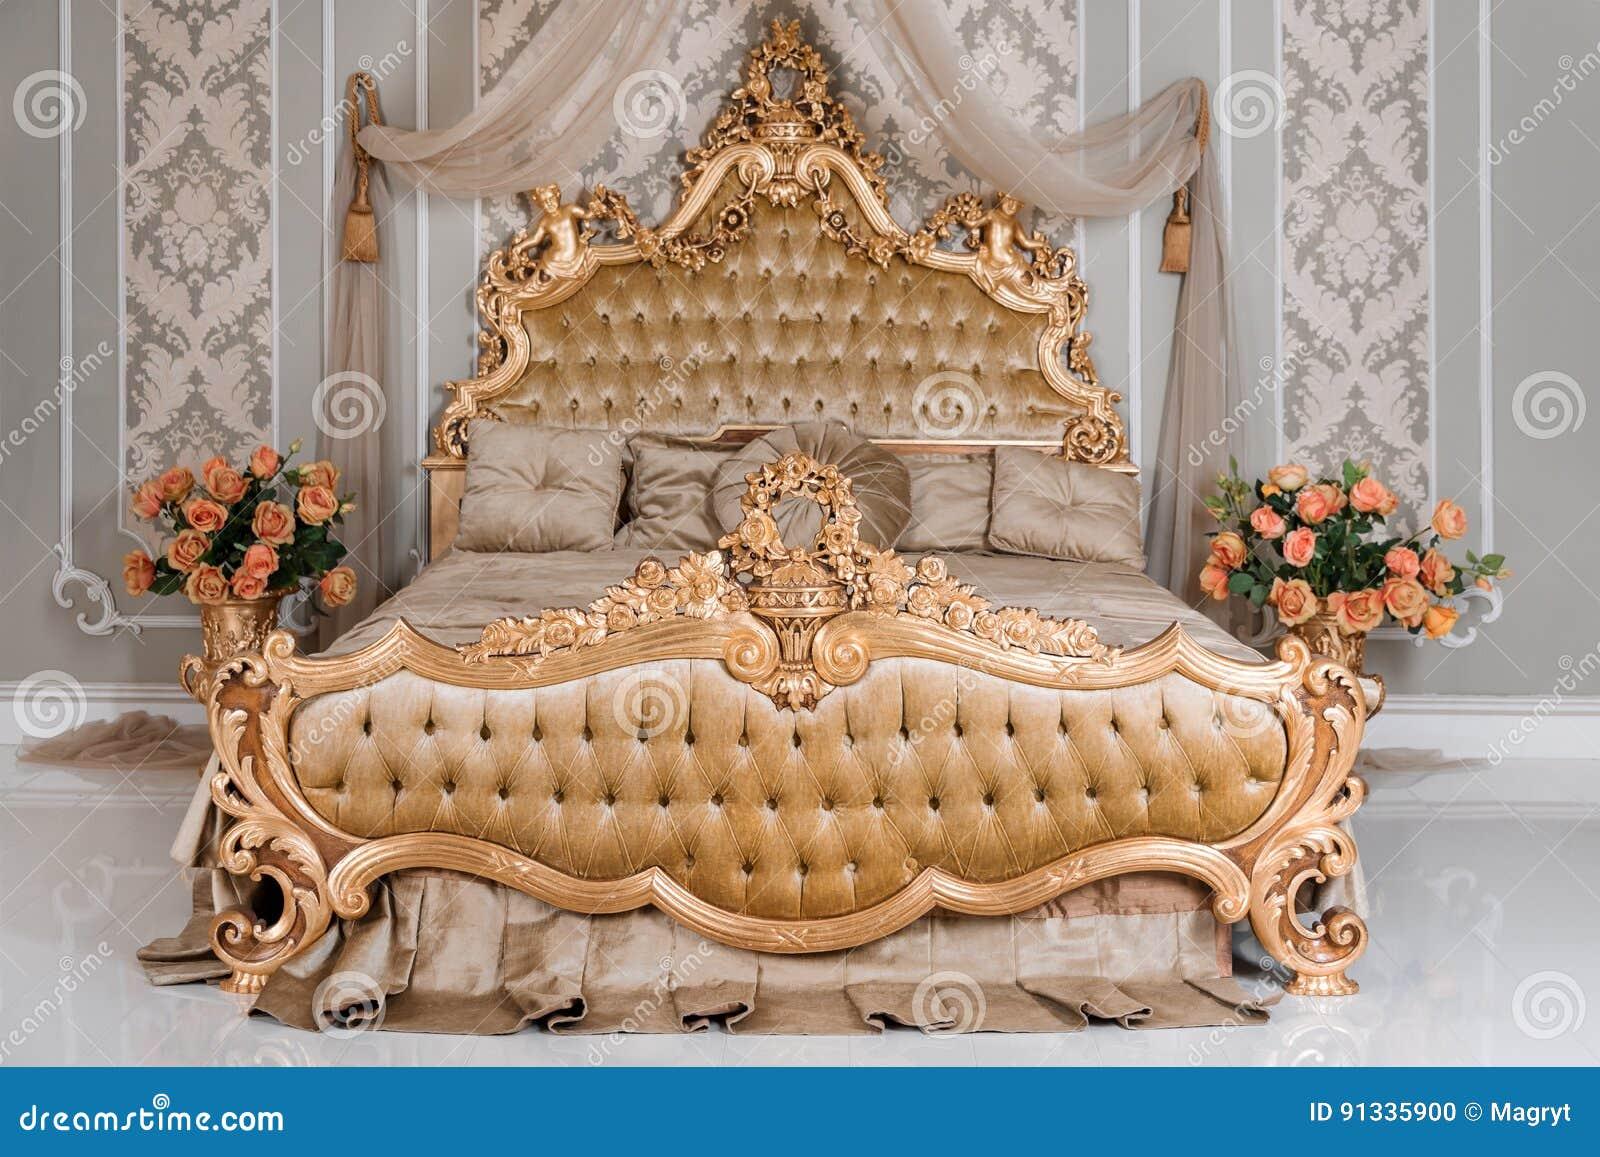 Lyxigt Sovrum I Ljusa Färger Med Guld Möblemangdetaljer Stor Bekväm Dubbel Kunglig Säng I